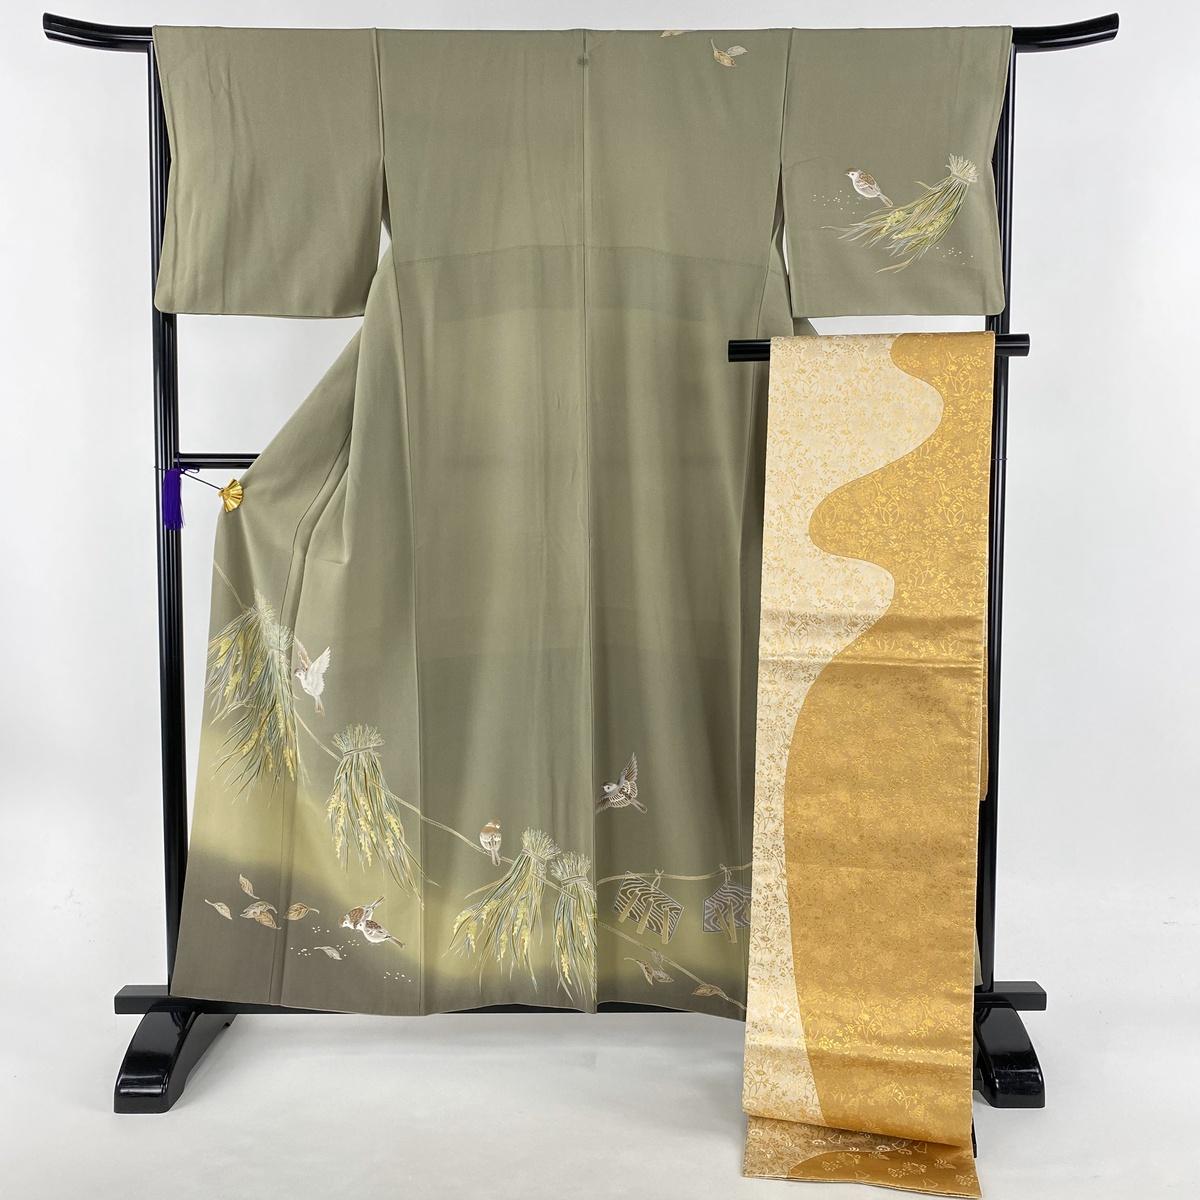 訪問着 美品 秀品 落款あり 袋帯セット 一つ紋 雀 稲 ぼかし 灰緑 袷 身丈158.5cm 裄丈66.5cm M 正絹 【中古】